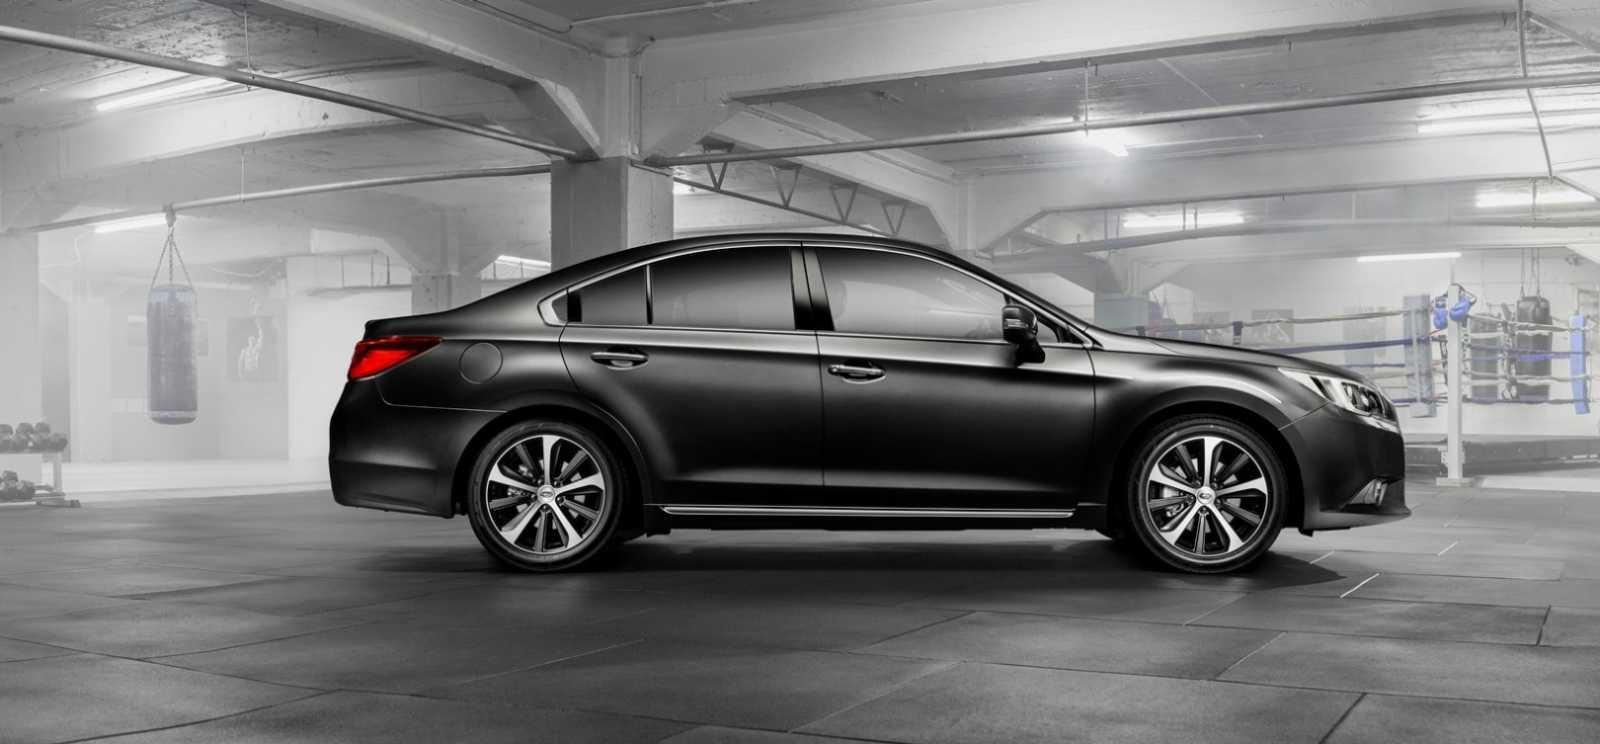 Subaru subaru pictures : Subaru NZ - new & used sales, service & parts - Winger NZ